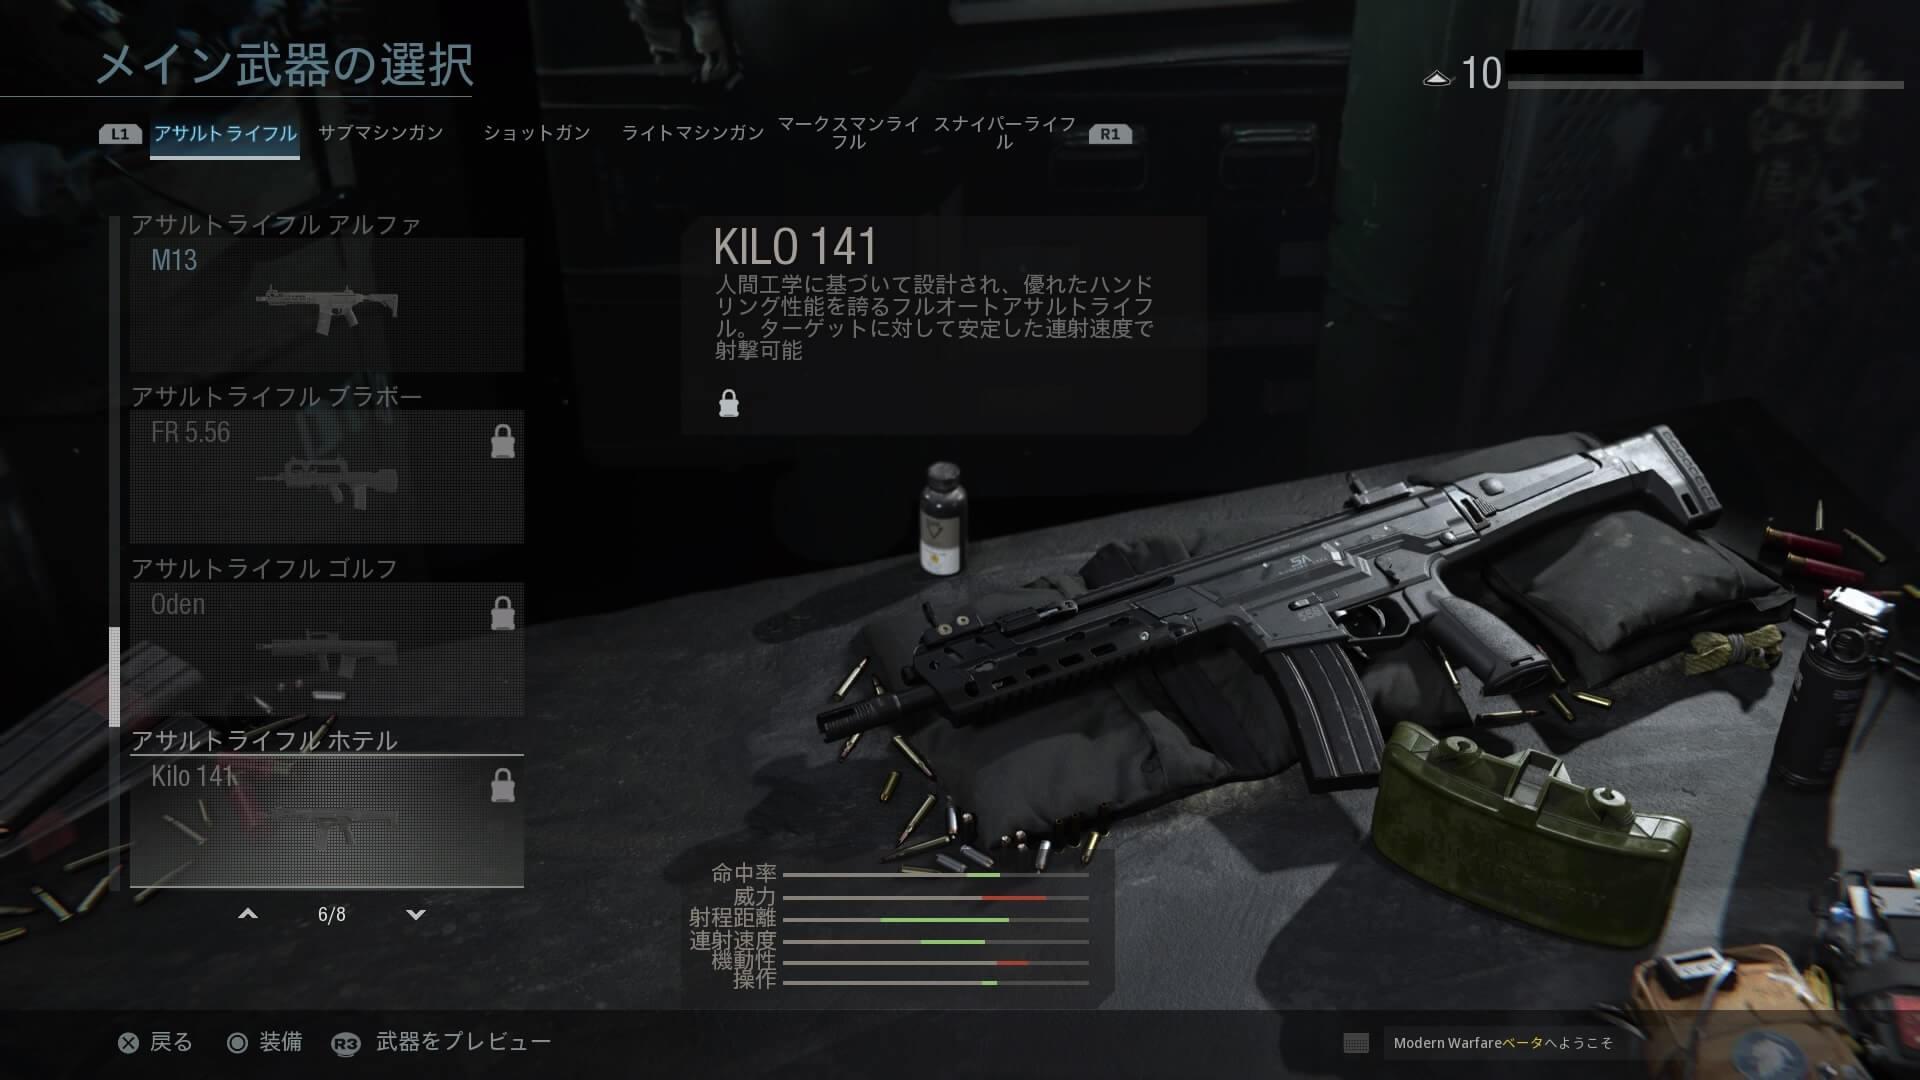 KILO 141